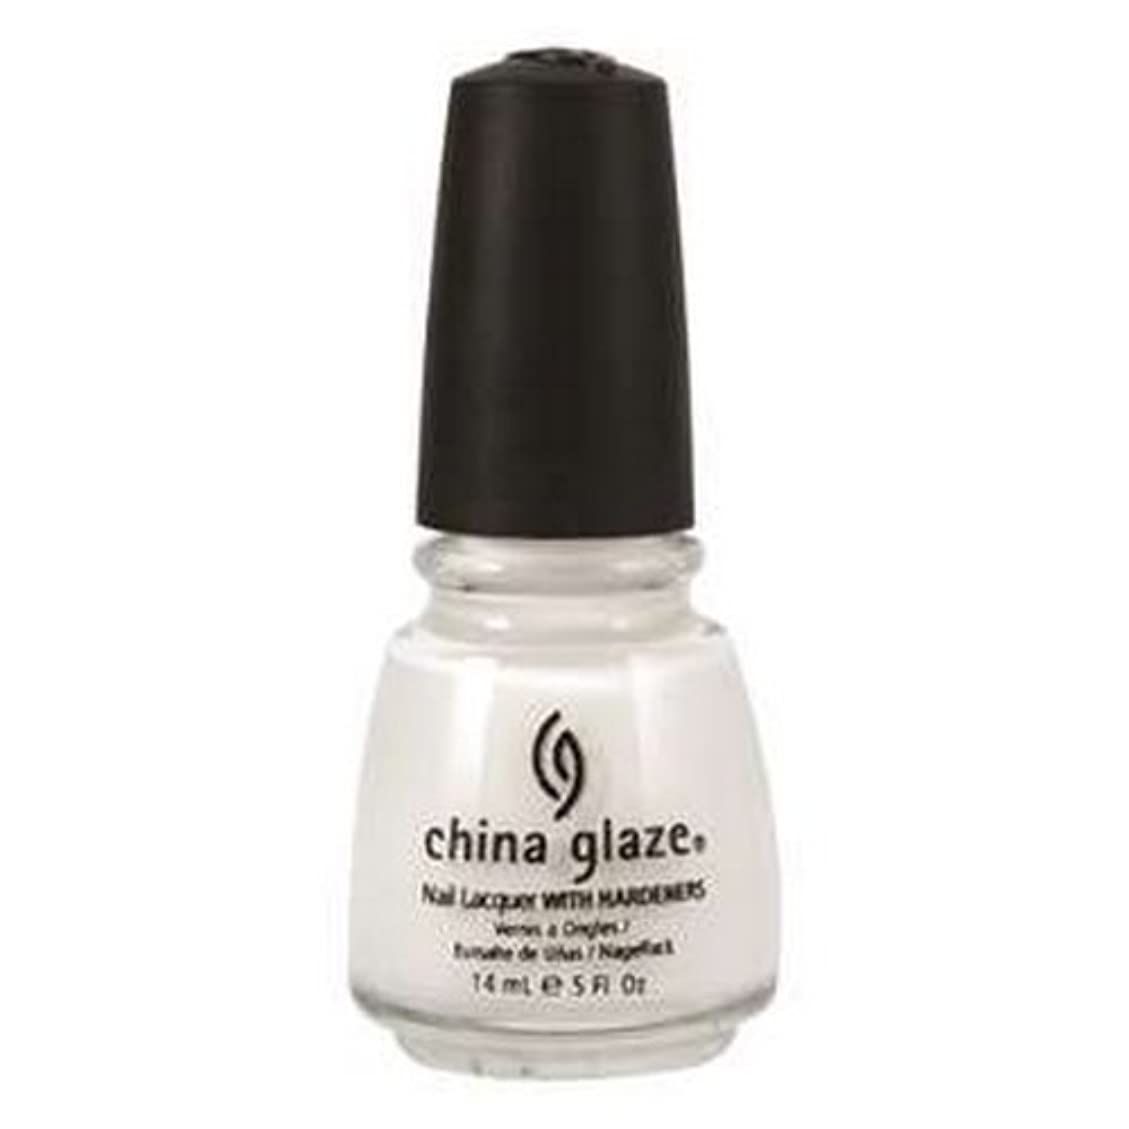 発症みなさん噴出する(3 Pack) CHINA GLAZE Nail Lacquer with Nail Hardner 2 - Snow (並行輸入品)